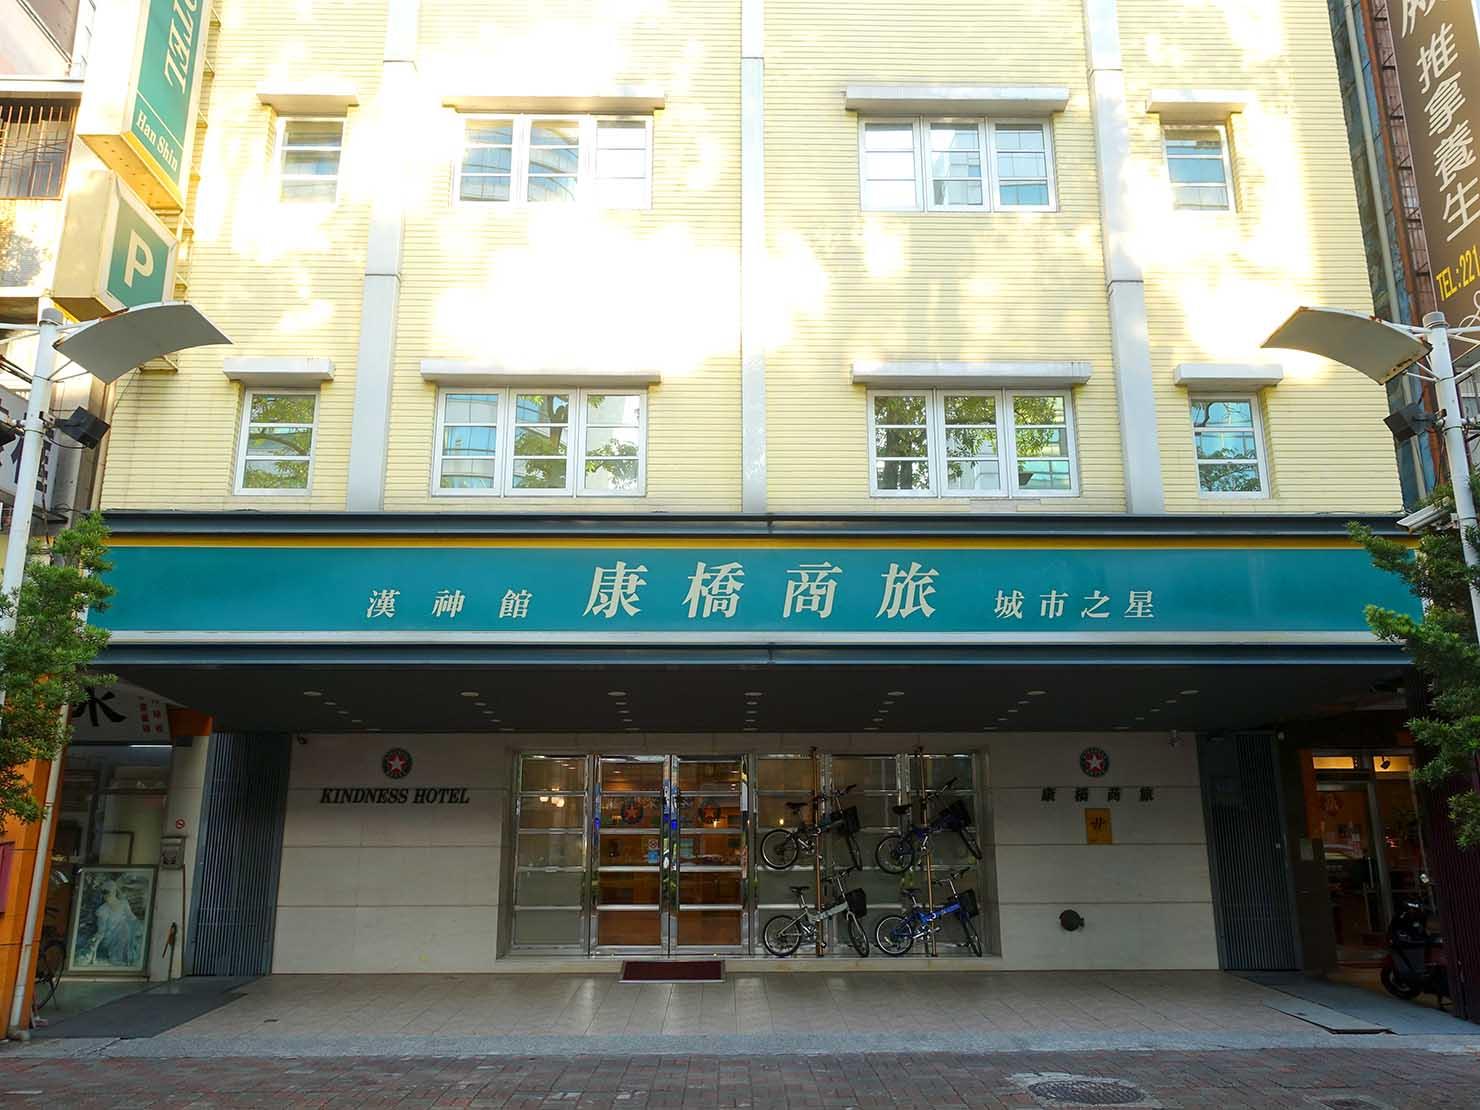 高雄のおすすめチェーンホテル「康橋商旅 Kindness Hotel(漢神館)」の外観